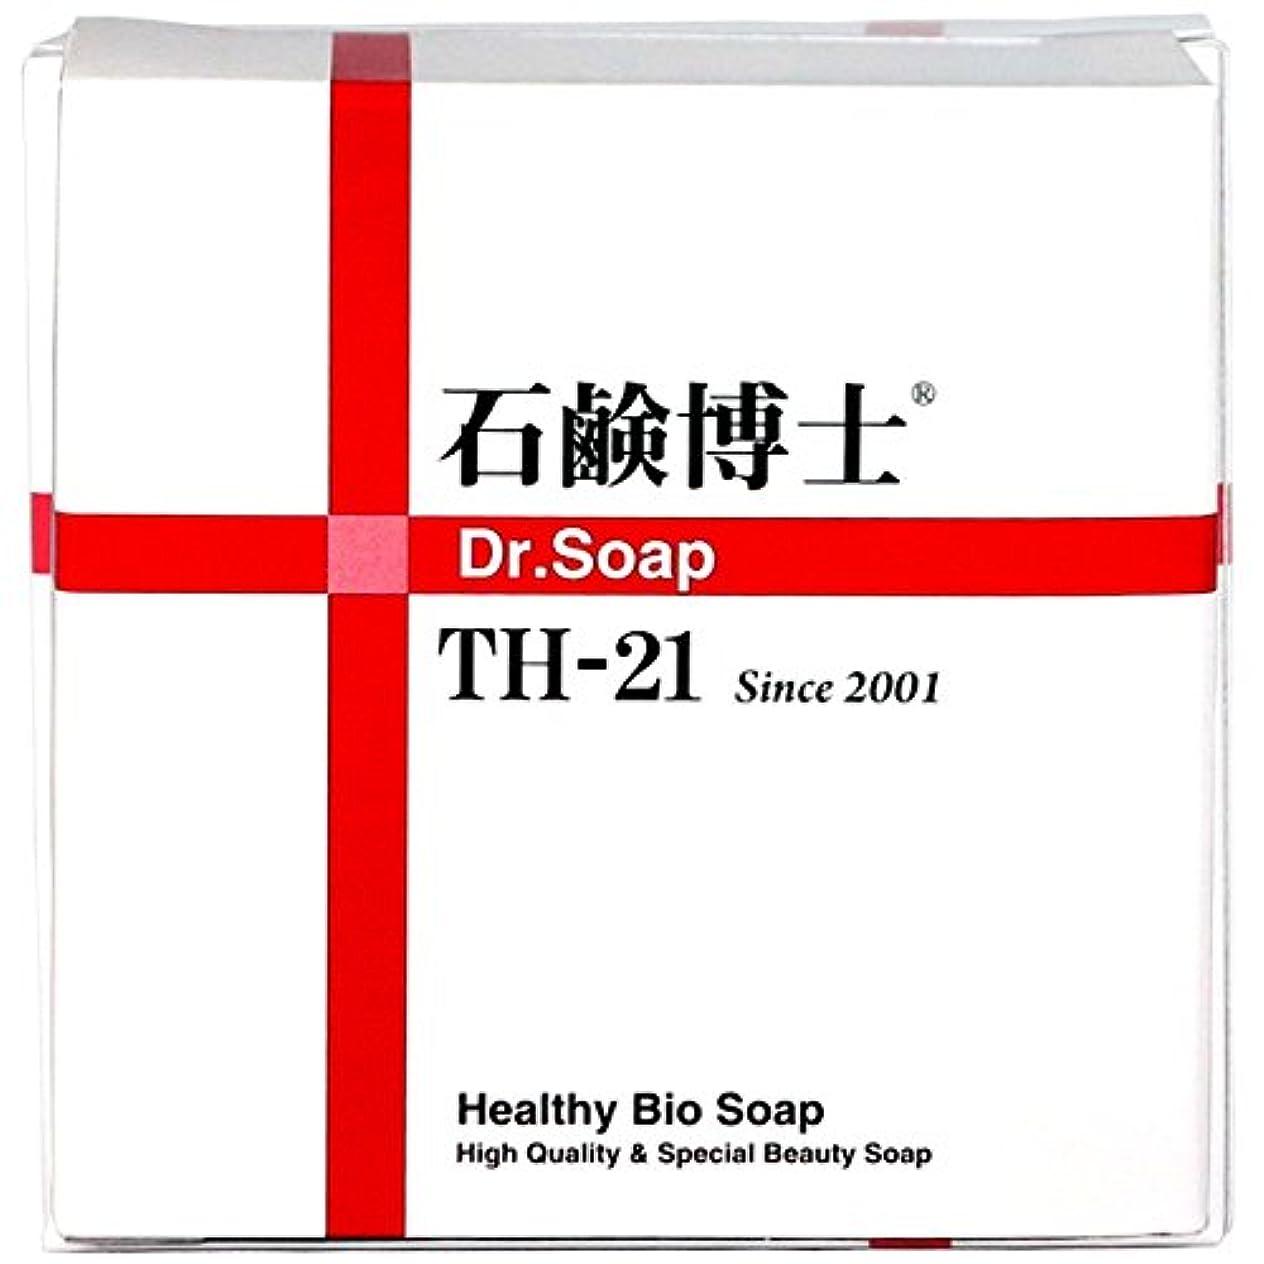 ハロウィンどうやらオーディションミネラルと分解酵素で洗顔しながらスキンケア 石鹸博士 DRソープ石鹸 Dr.Soap TH-21 100g